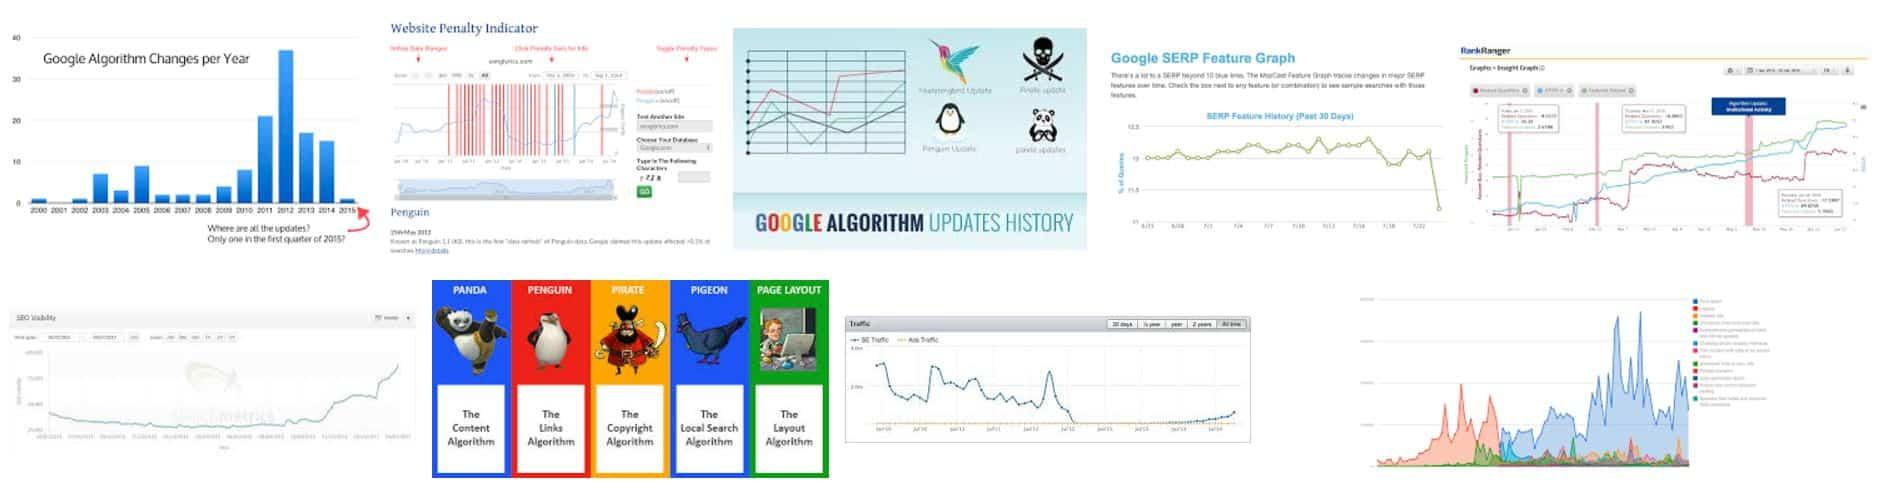 Google Algorithm Update for June 25th, 2017